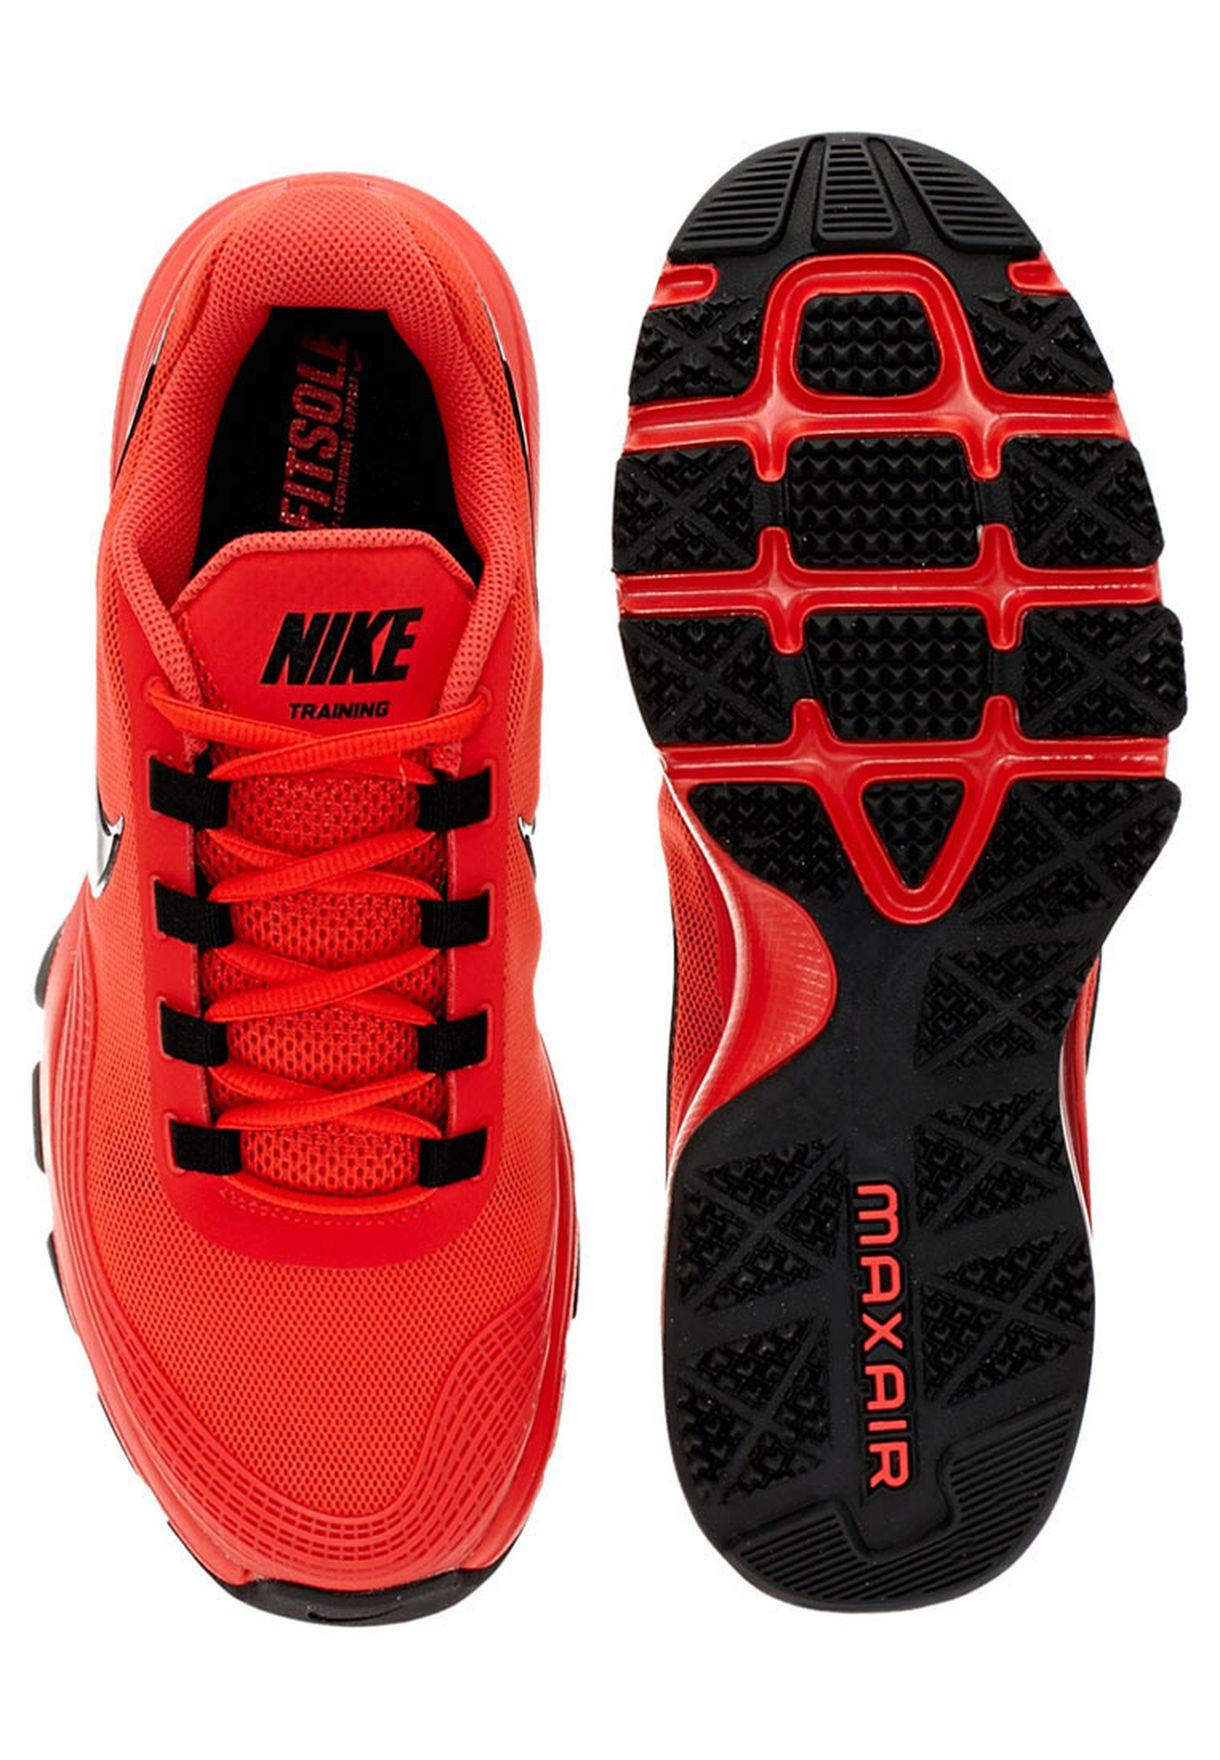 36835590f تسوق حذاء اير ماكس ماركة نايك لون أحمر 615995-600 في السعودية ...